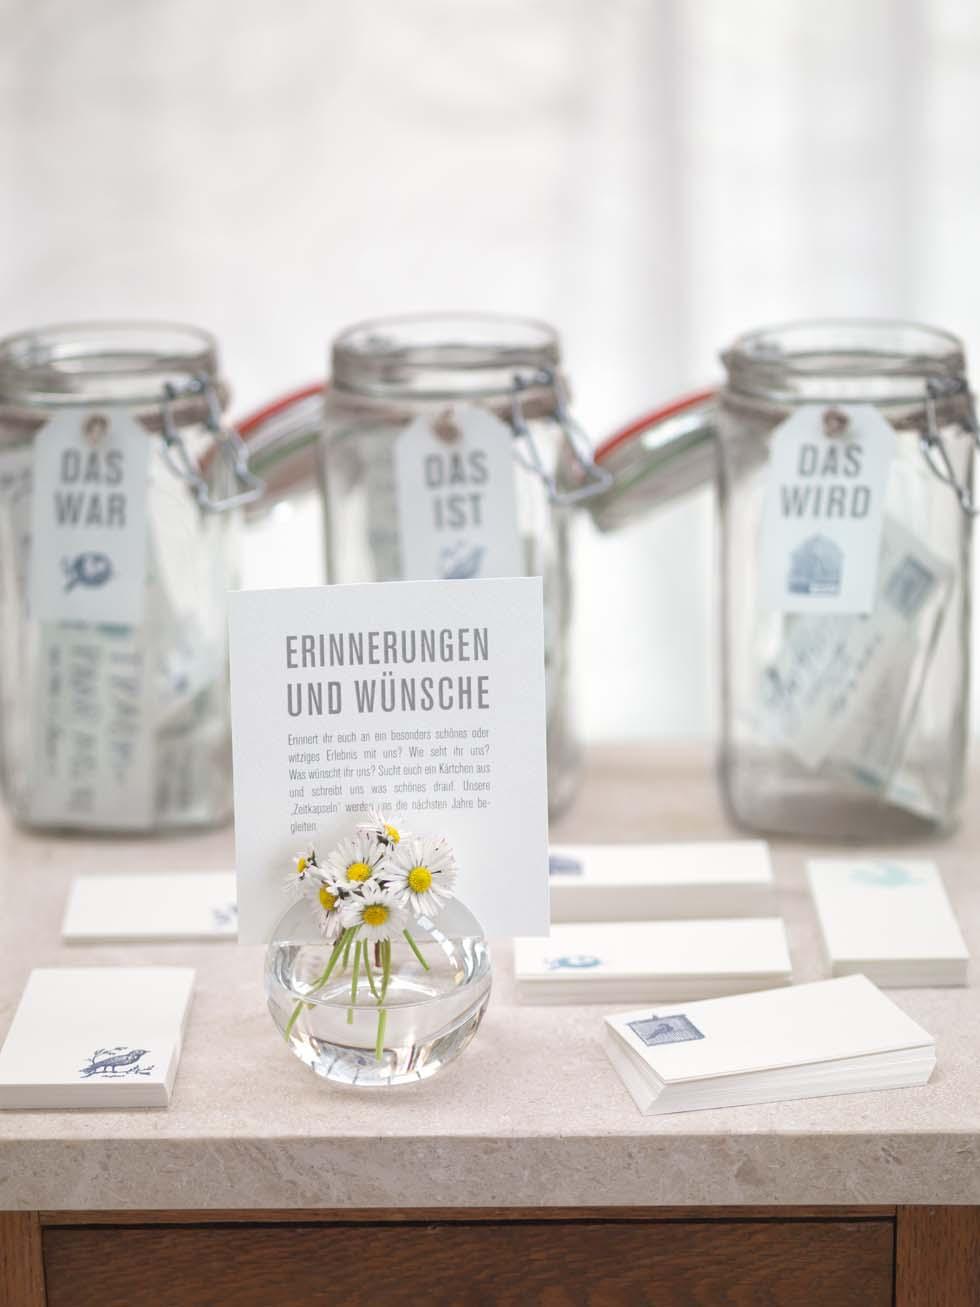 Geräumig Hochzeit Gästebuch Ideen Foto Von Gästebuchidee Erinnerungen Und Wünsche